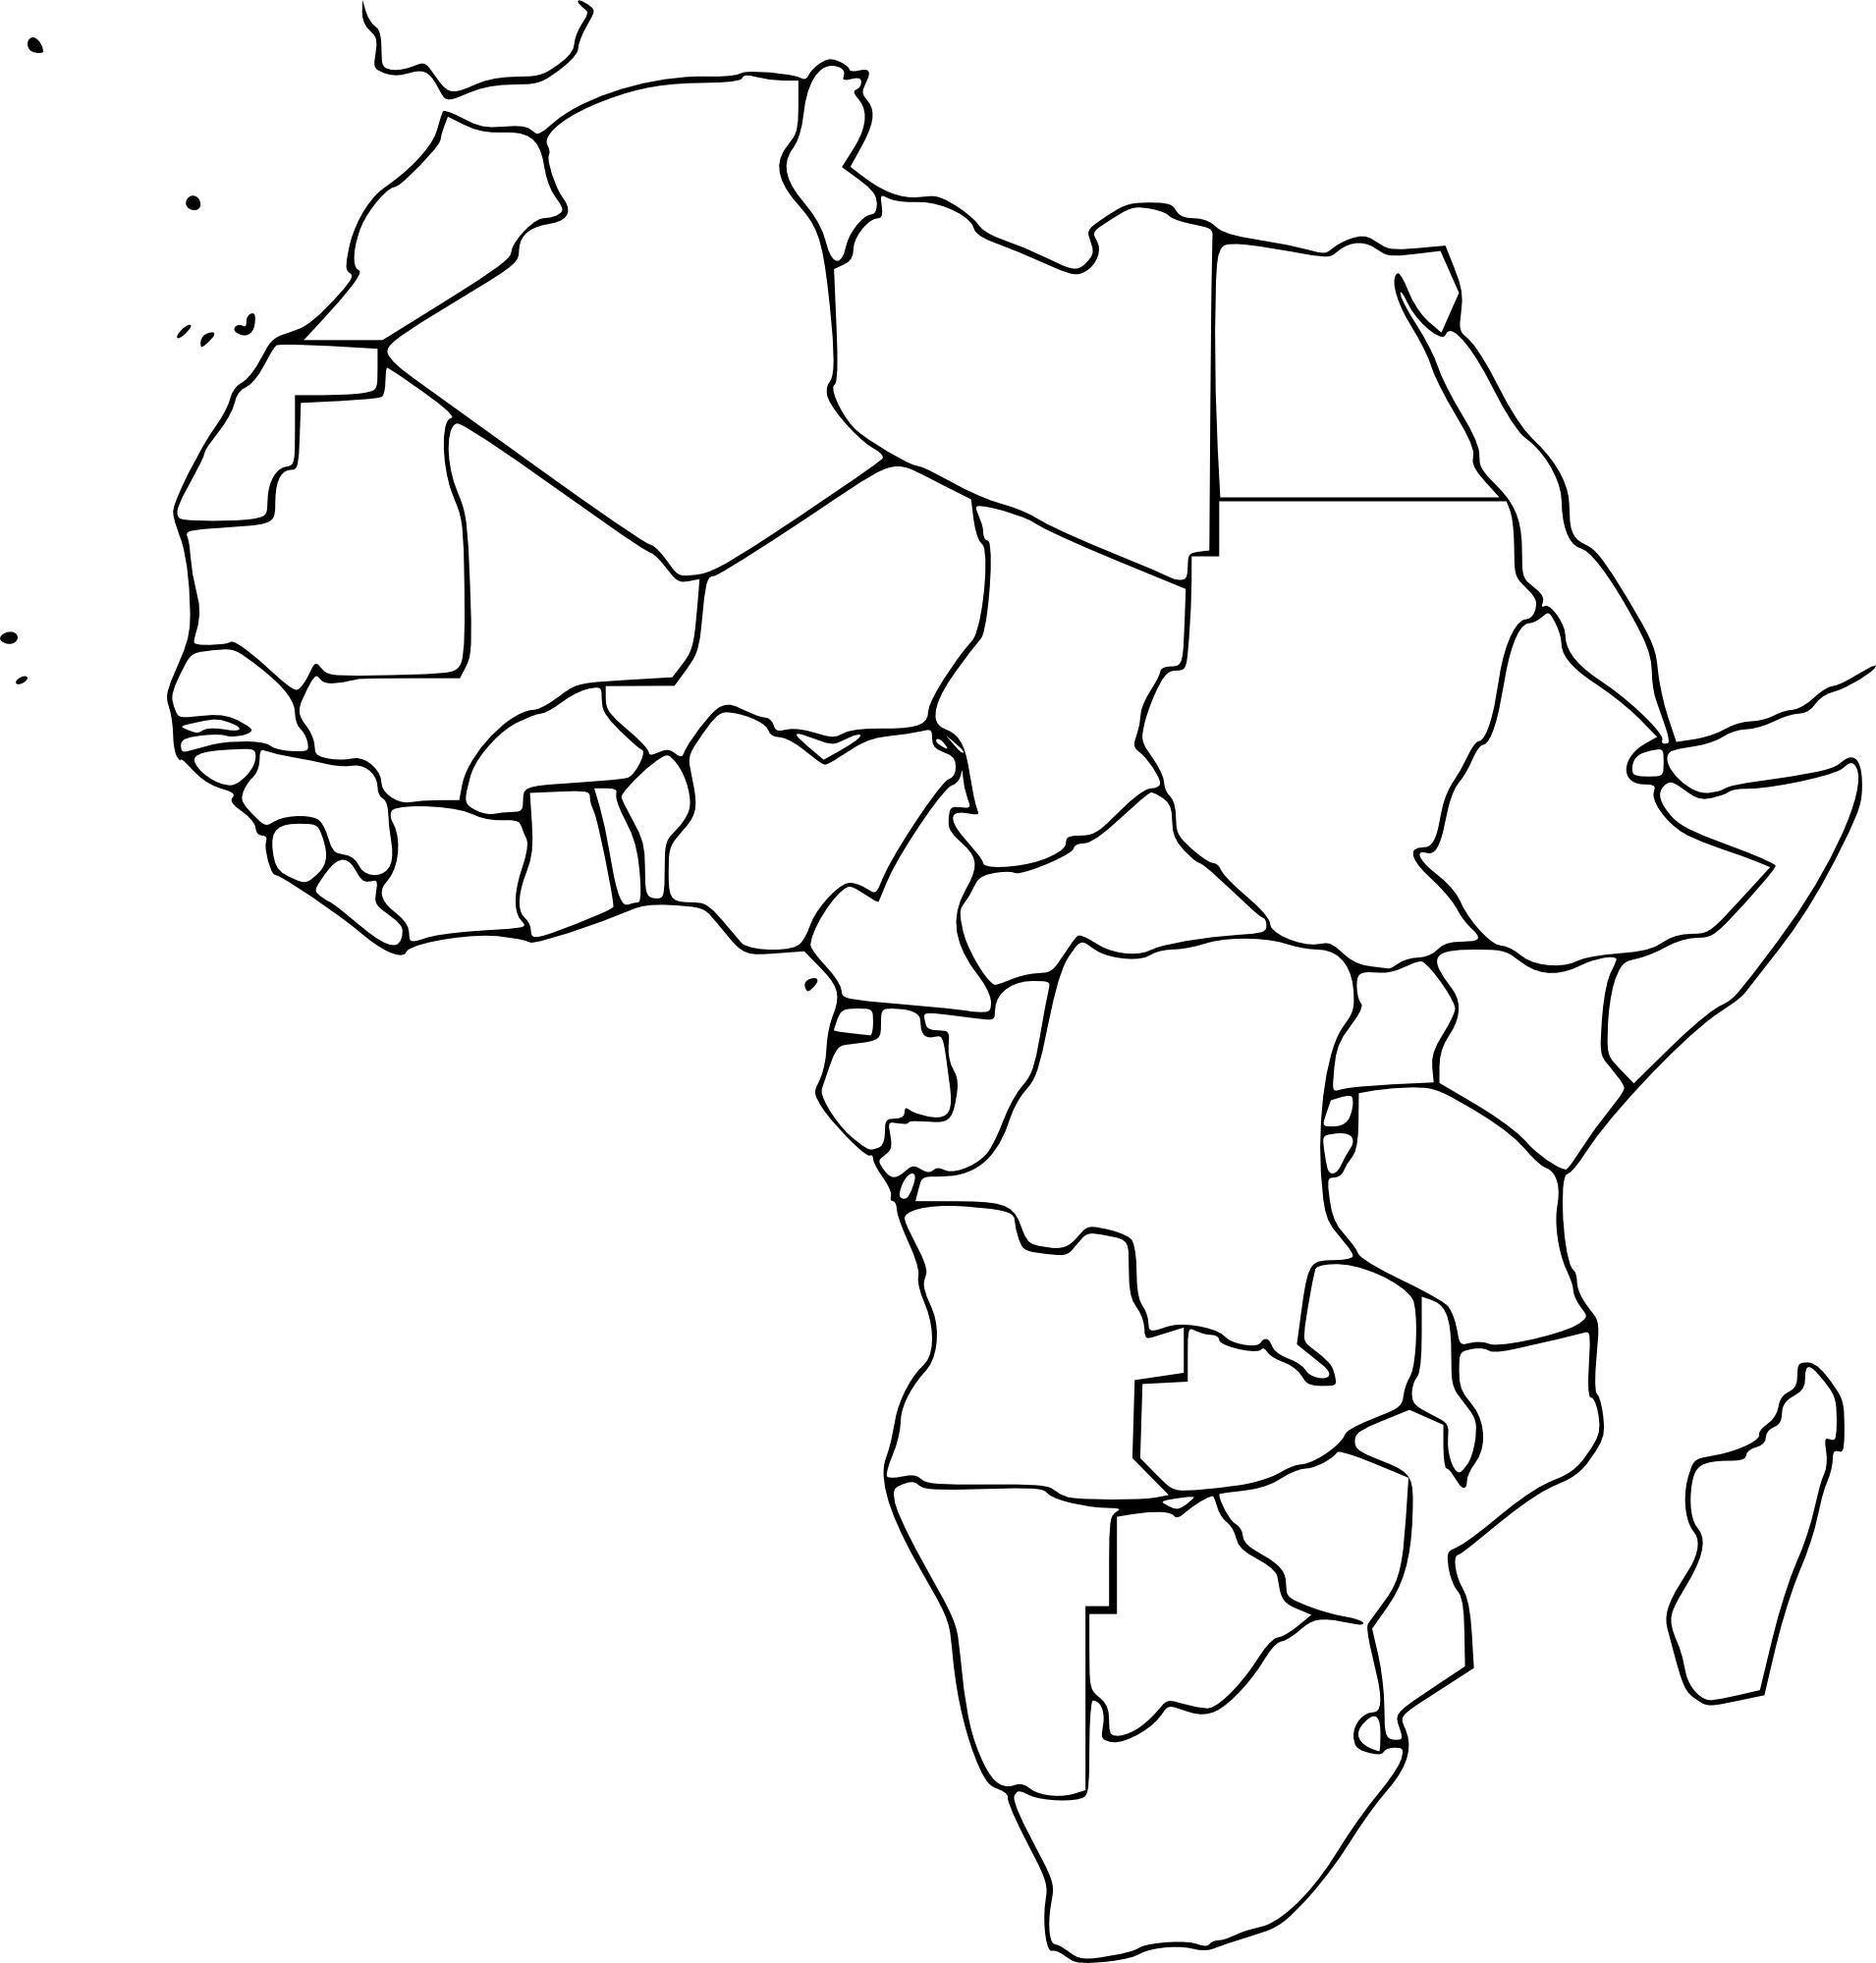 Coloriage carte afrique vierge imprimer - Coloriage afrique a imprimer ...